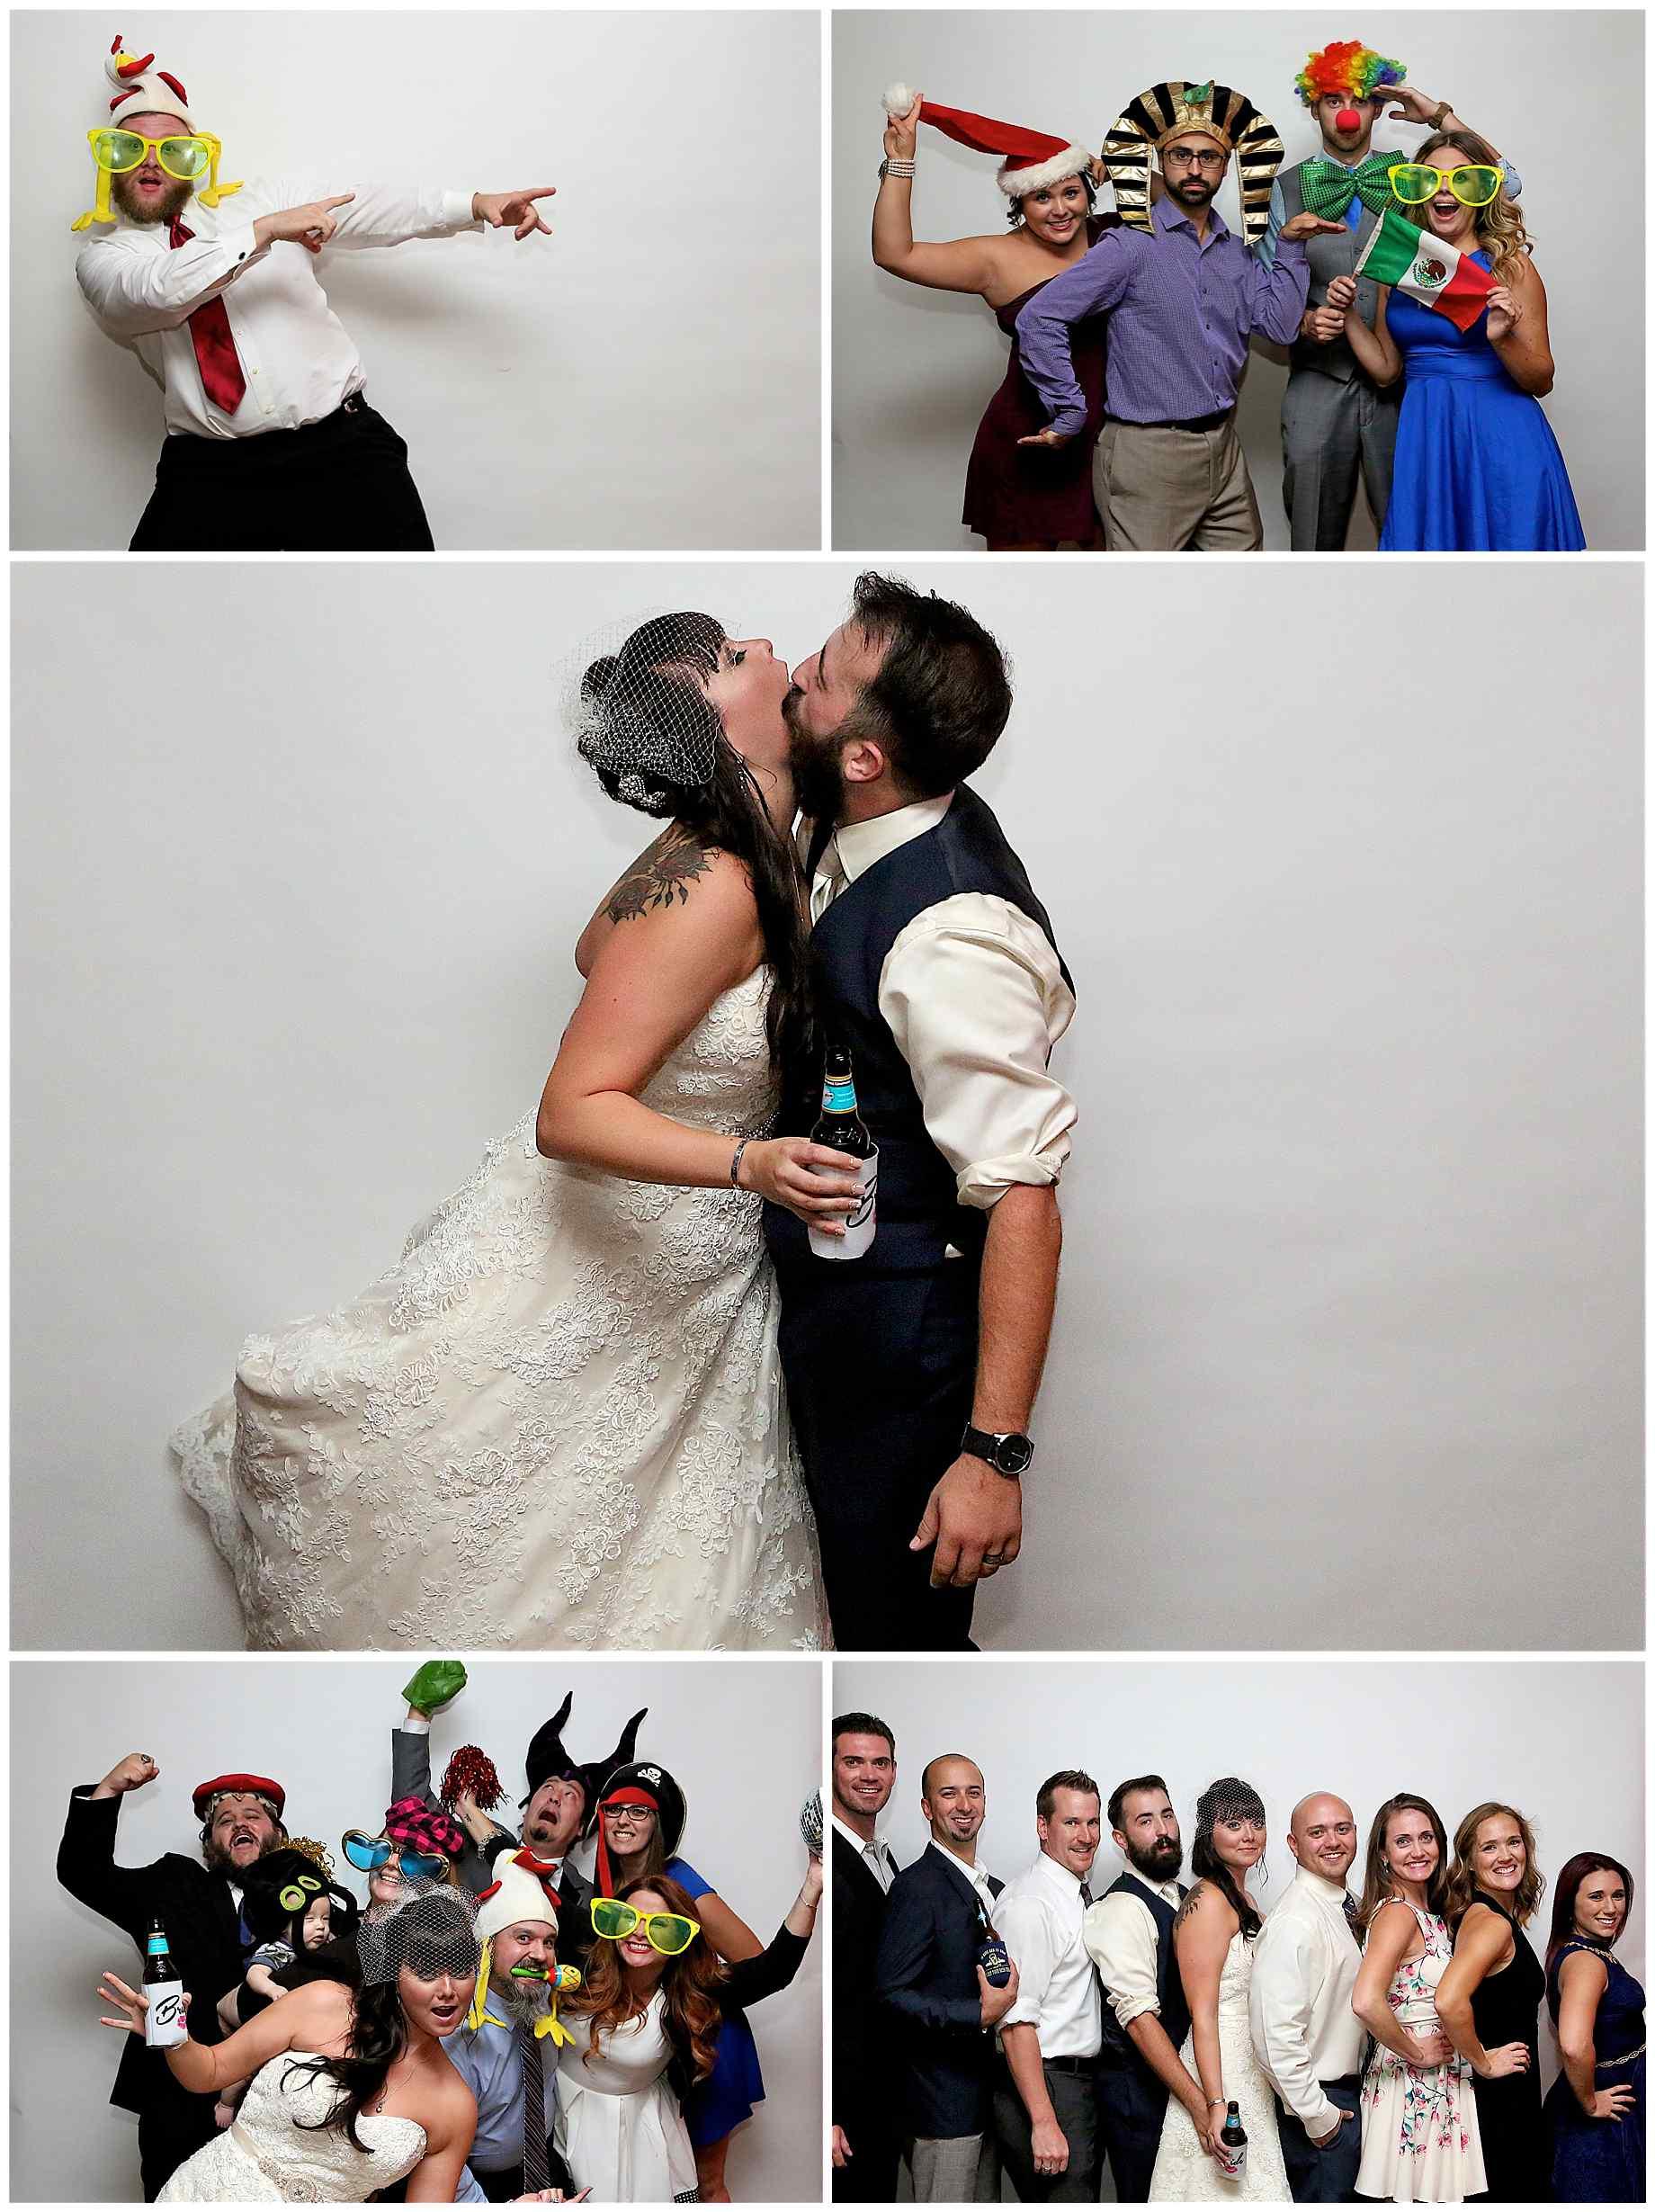 Le-Beaux-Chateau-wedding-photos-040